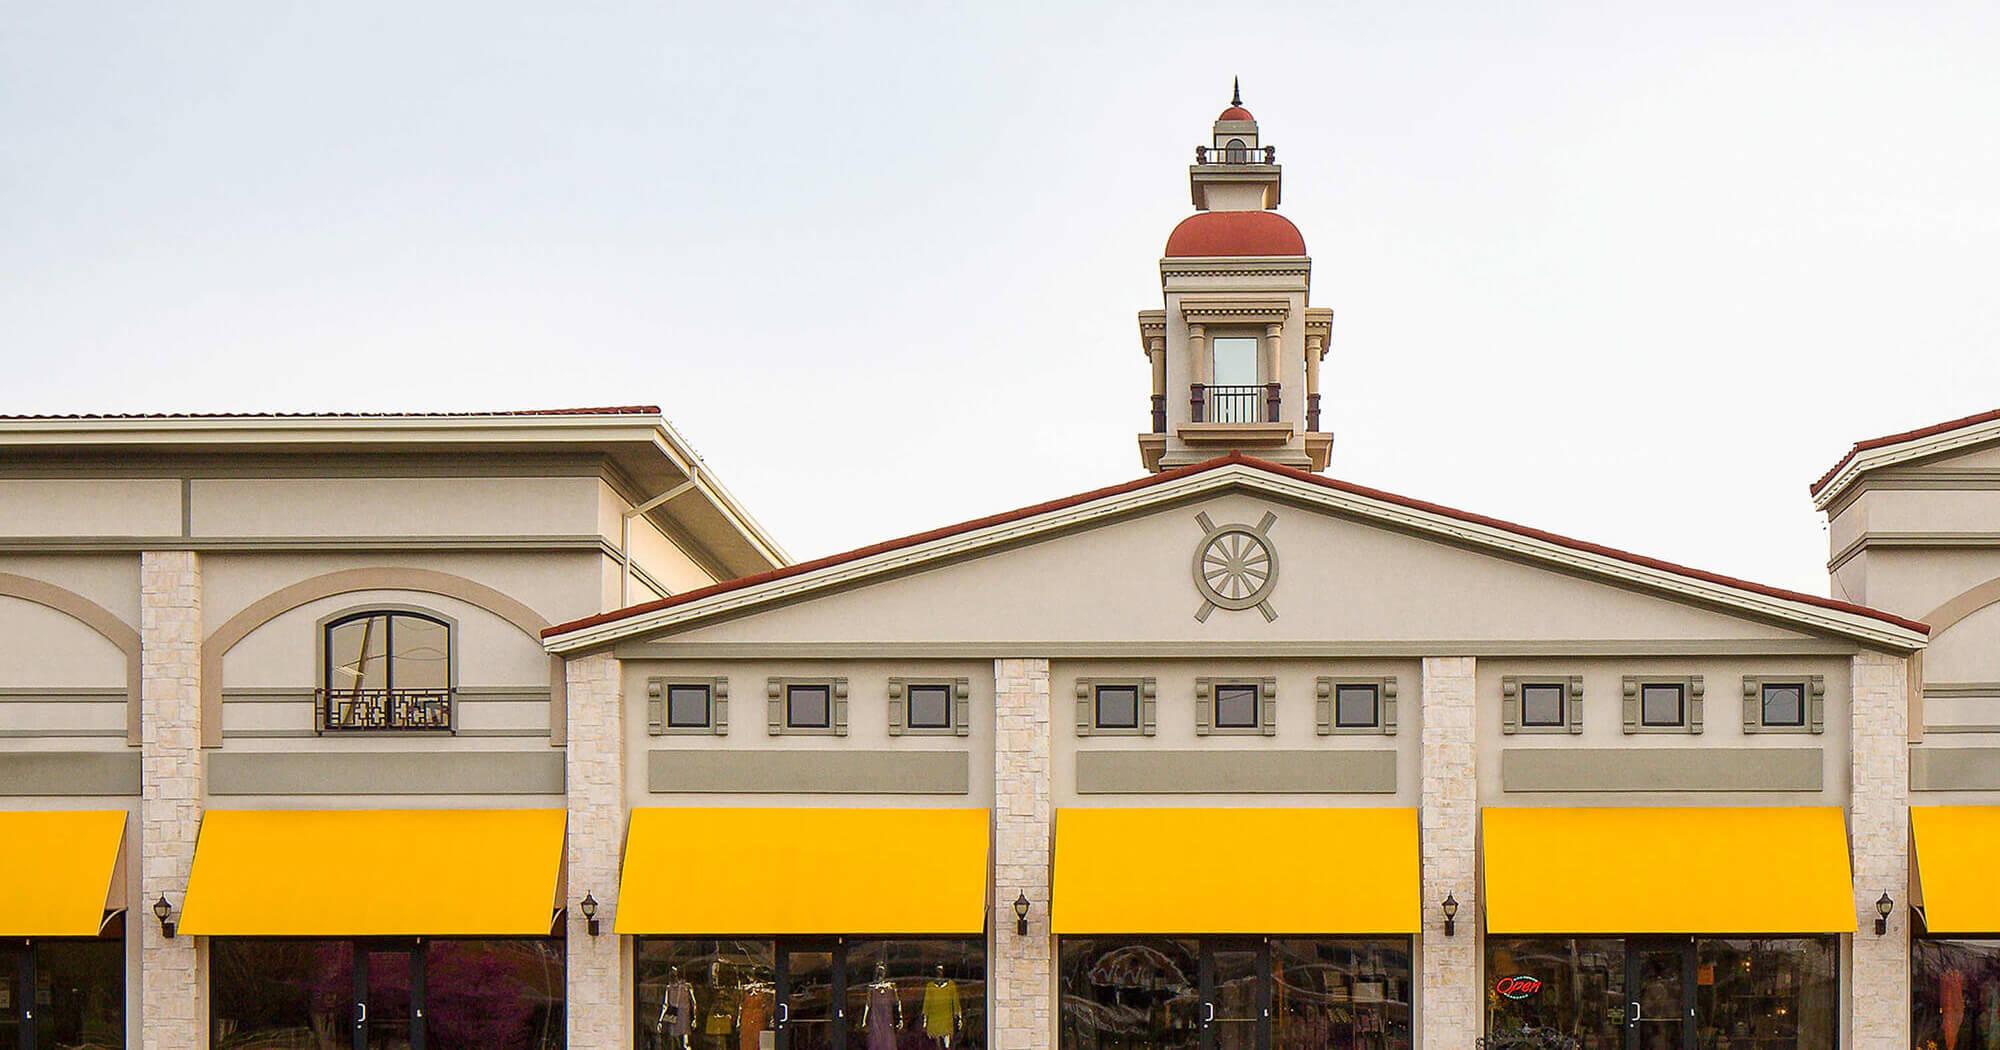 Um shopping center ganha um toque de cor com toldos feitos usando tecido de cobertura Sunbrella amarelo